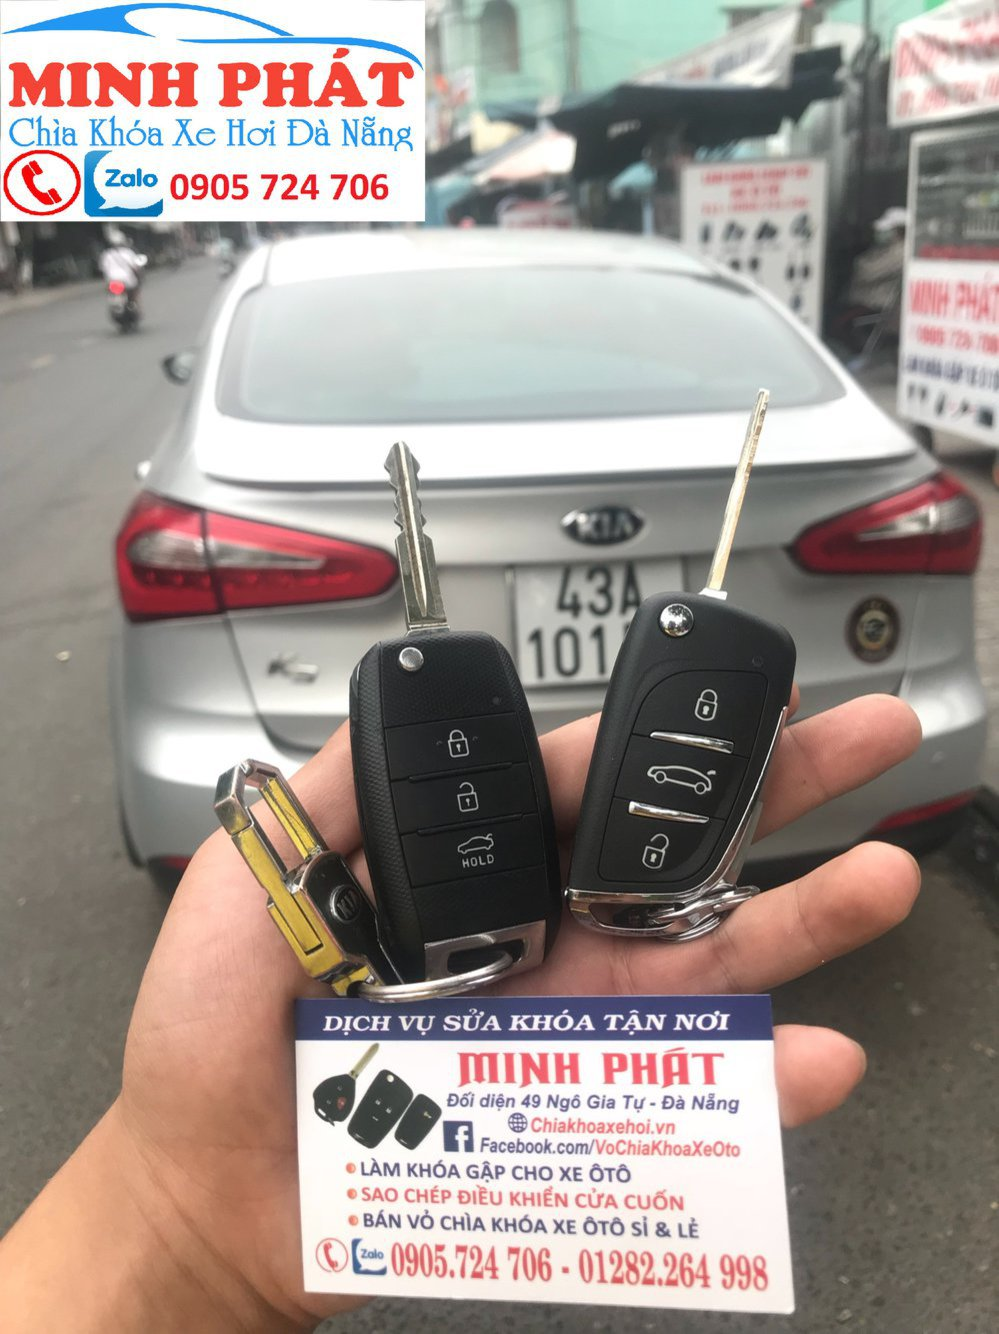 Làm chìa khóa xe ô tô đà nẵng - 0905 724 706 cover